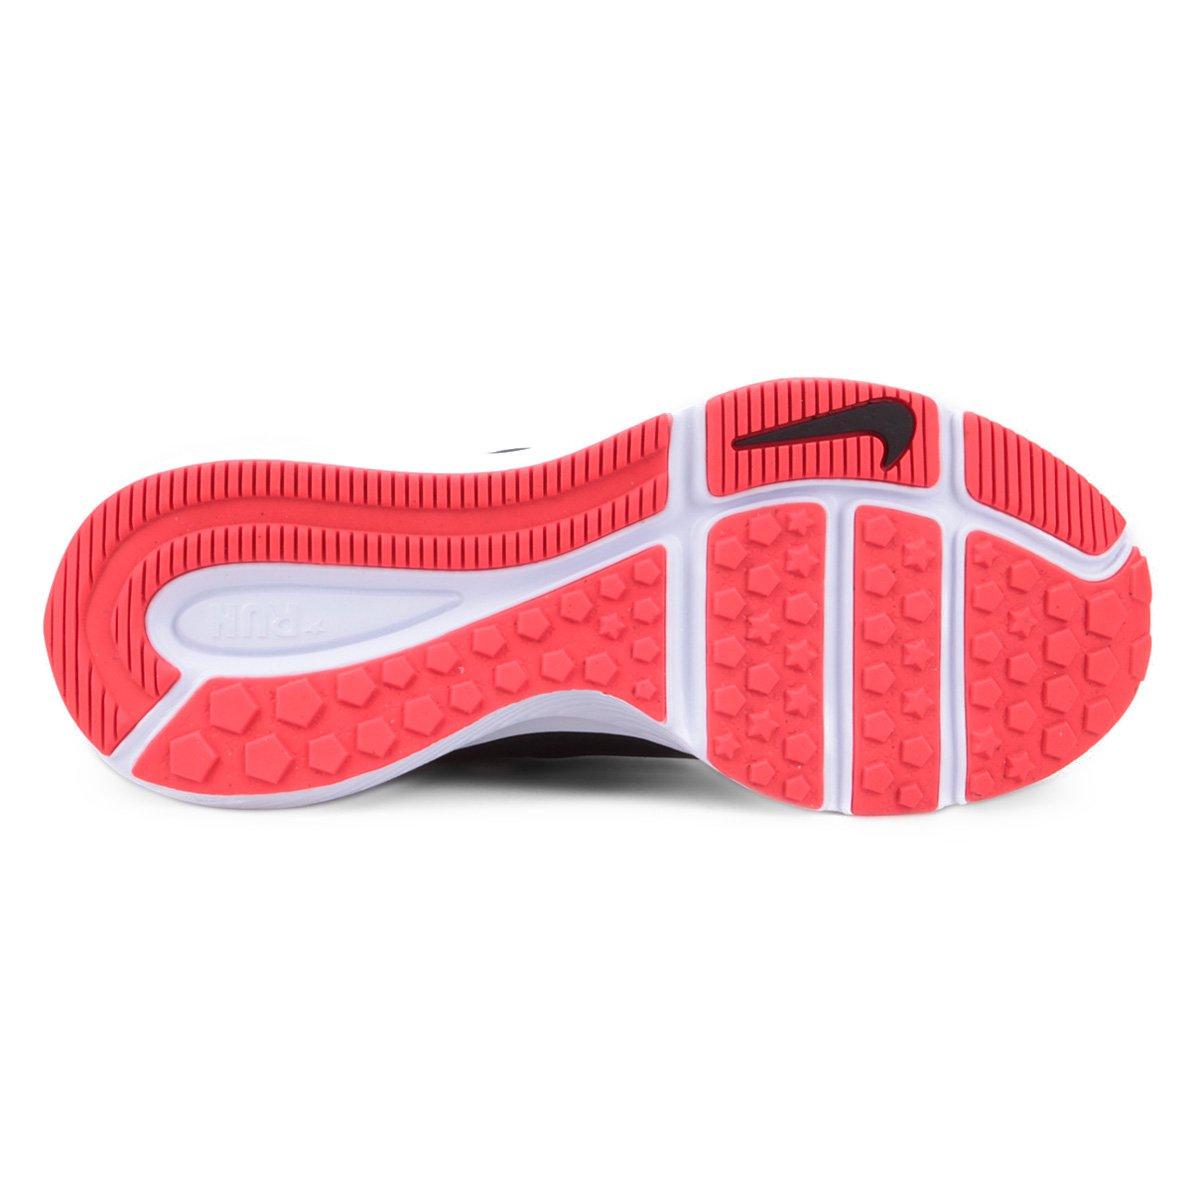 edbbc9e777 Tênis Nike Infantil Star Runner - Tam: 36 - Shopping TudoAzul